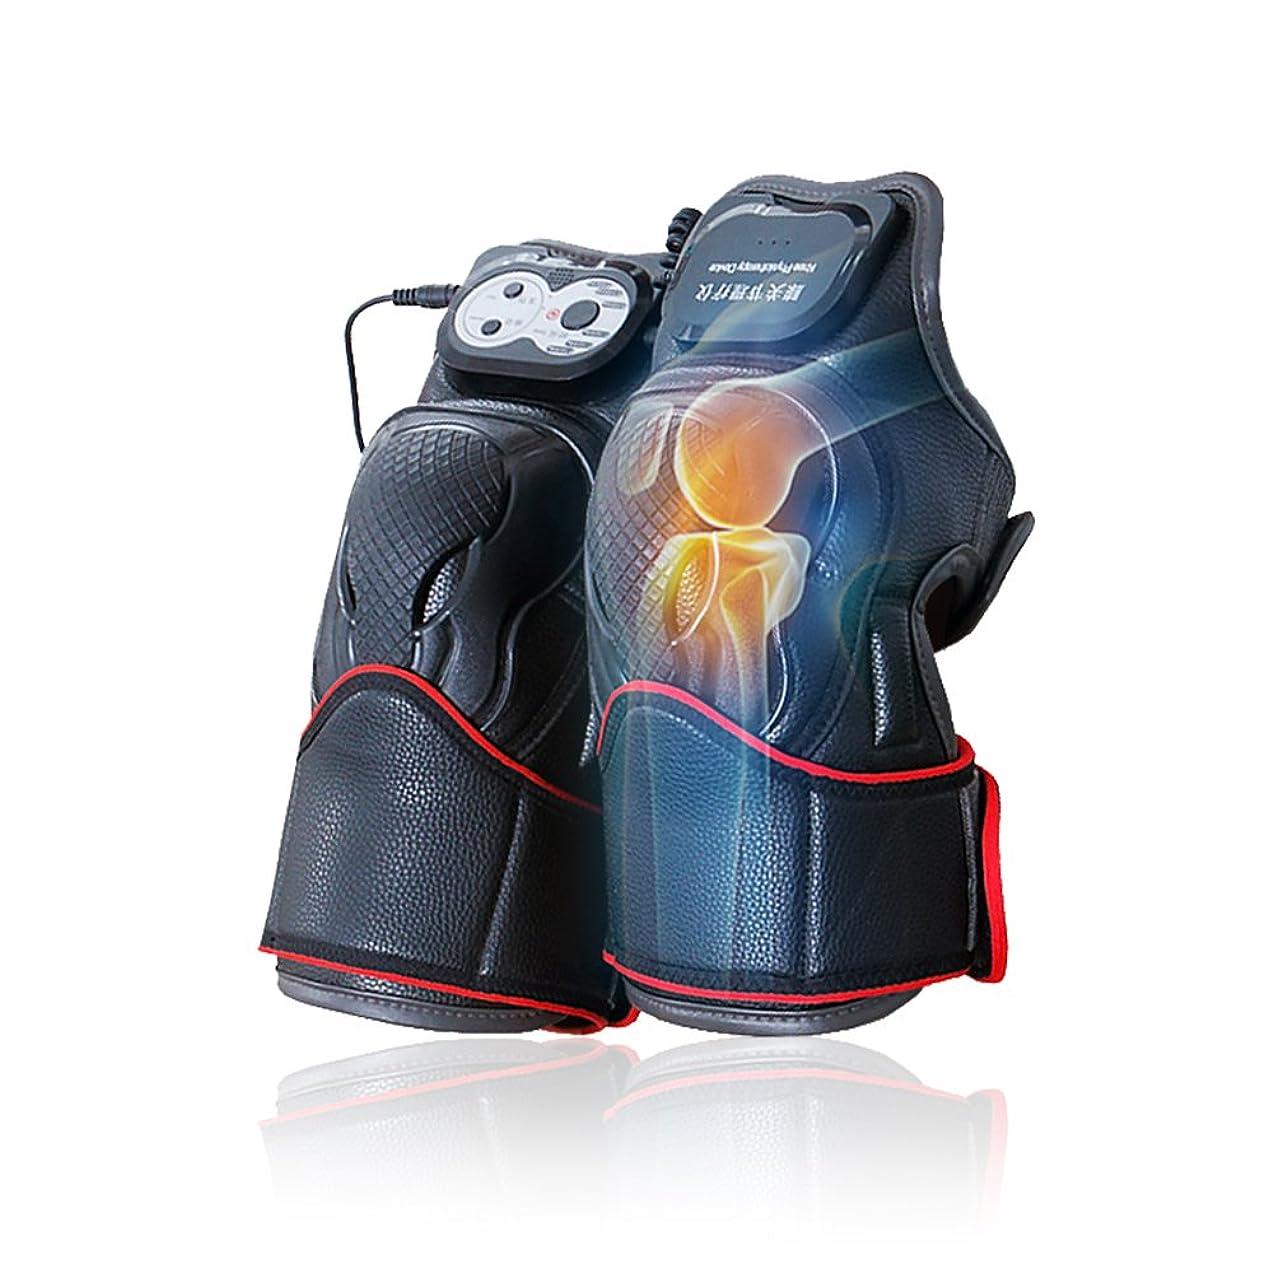 暖かく設計バブルマッサージ器 マッサージ ひざ マッサージャー ヒーター マッサージ機 振動 レッグマッサージャー 通気性 フットマッサージャー 赤外線療法 膝サポーター ストレス解消(二枚入り)